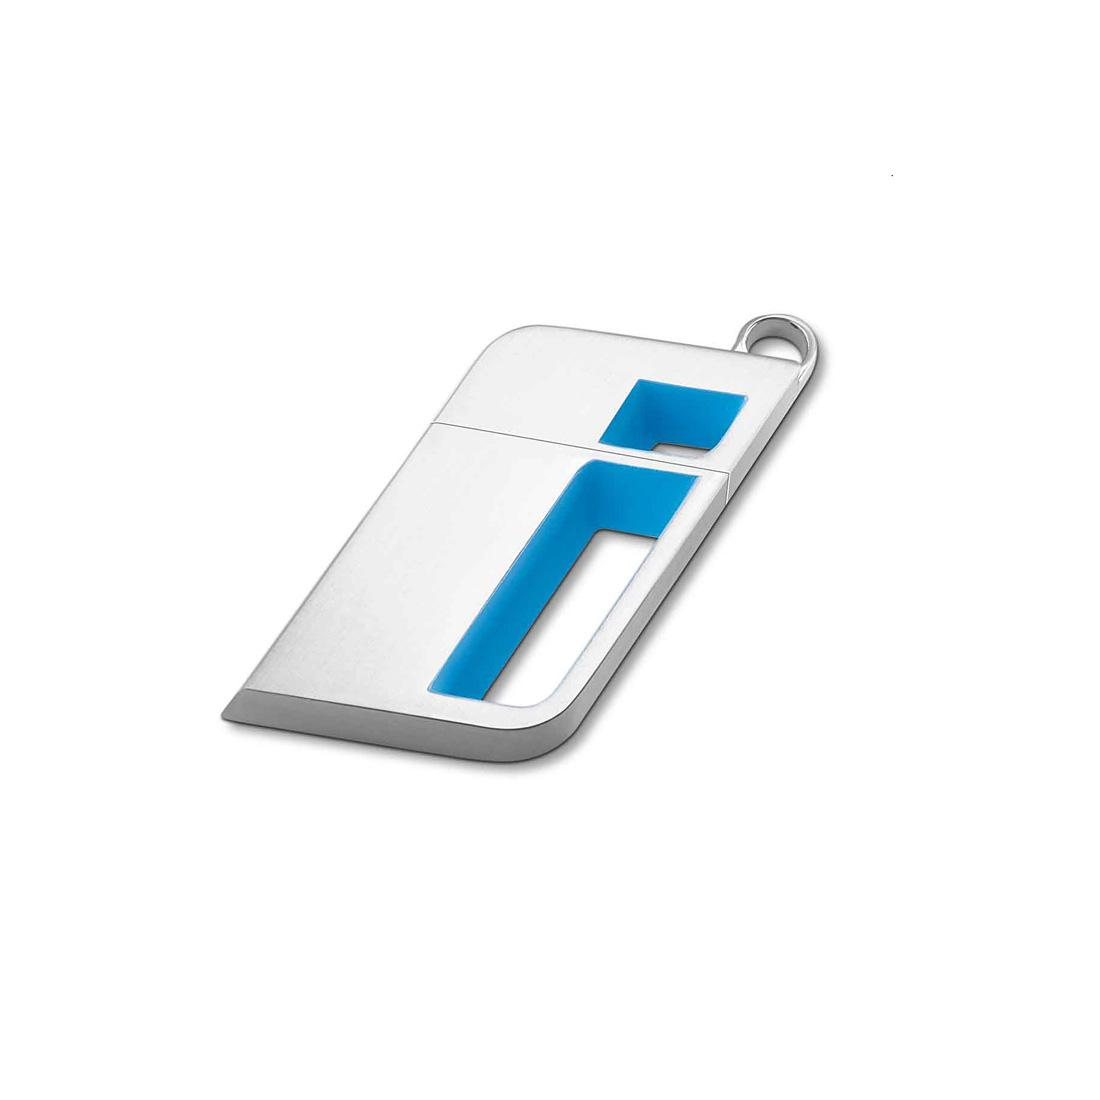 BMW i USB Stick